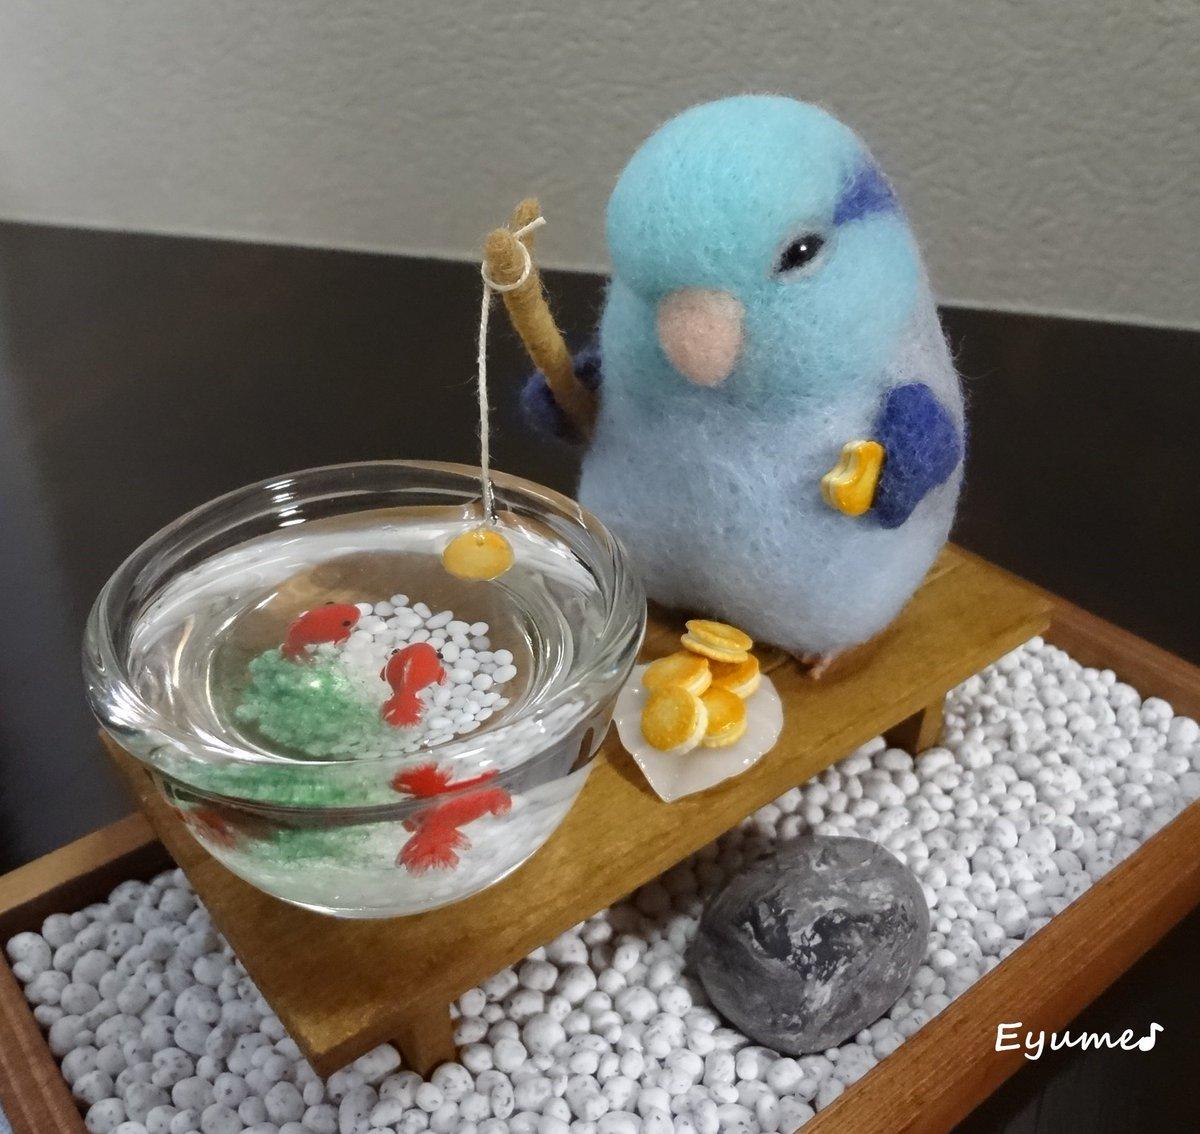 クッキーのおすそ分け♥ 決して、釣り・・・をしているわけではありません(^^; この子は優しいマメル…